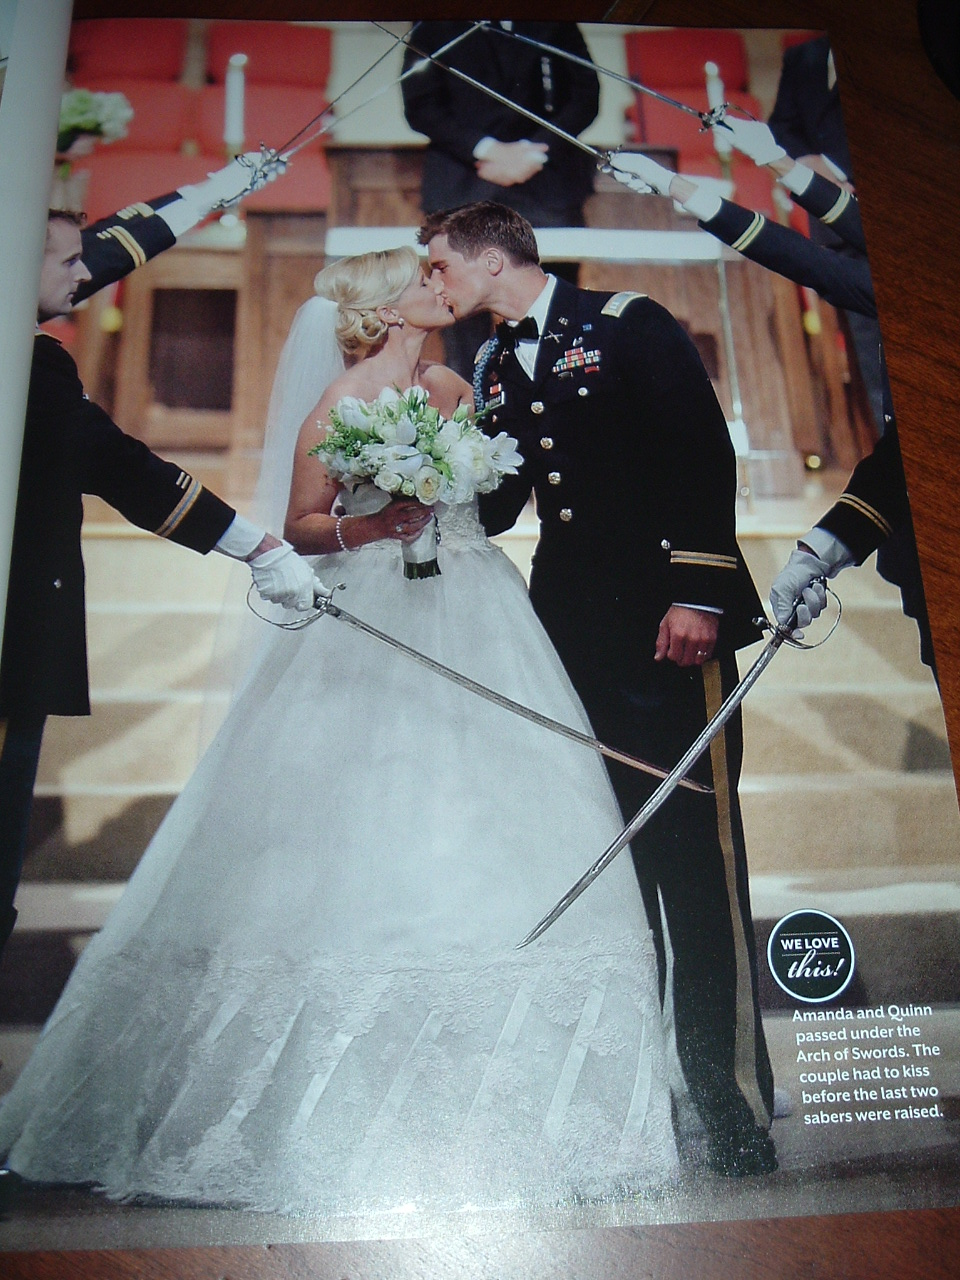 Amanda and her groom Quinn were married in the Greensboro, Georgia ...